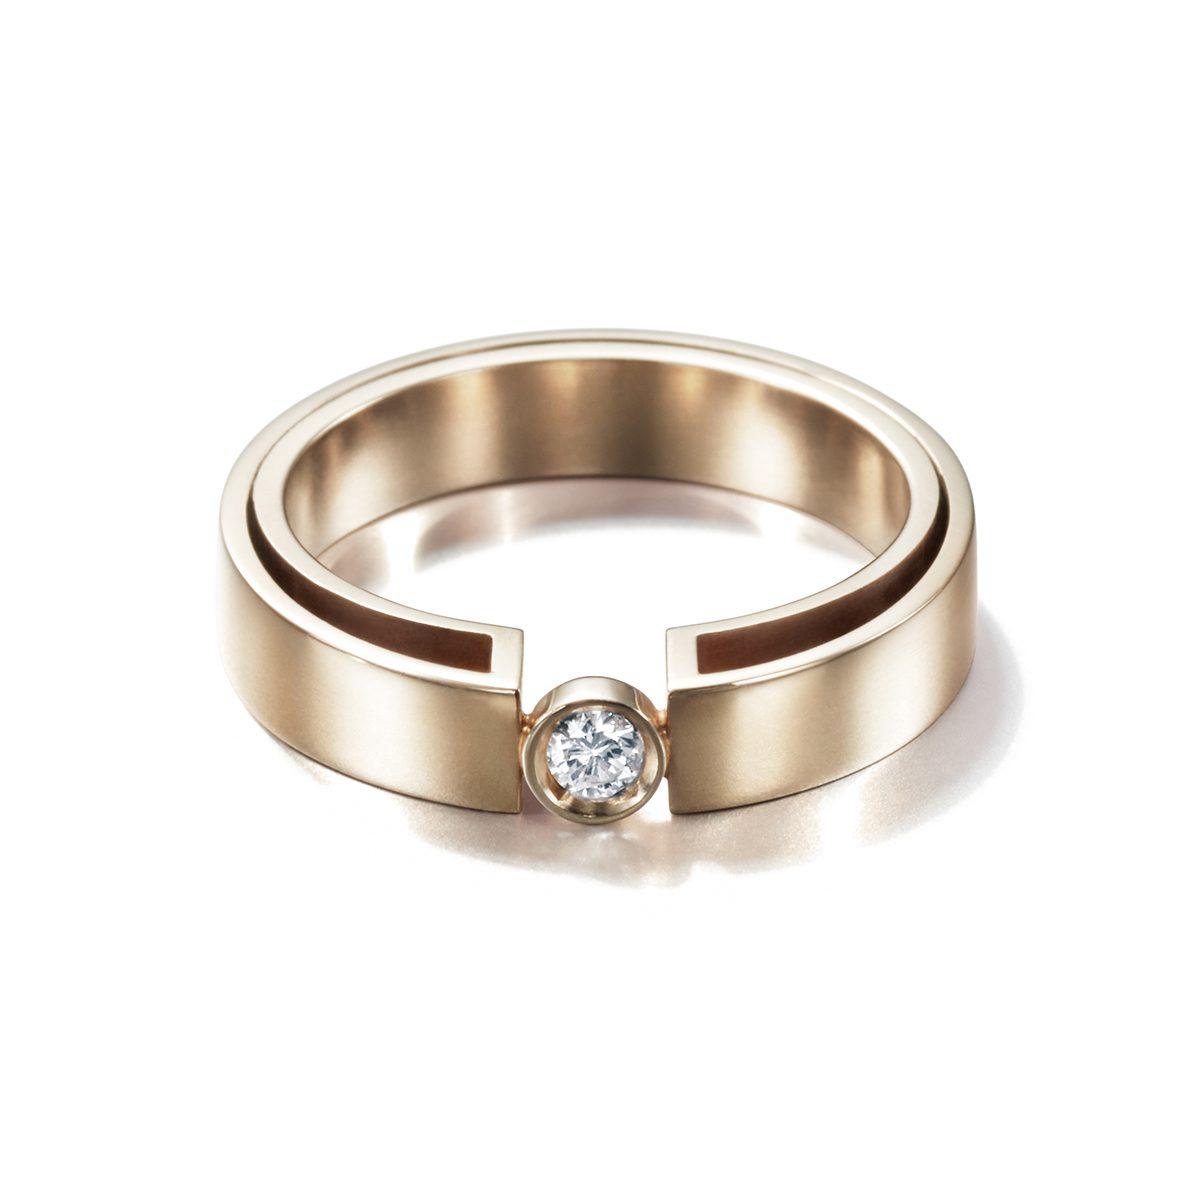 LIA DI GREGORIO DOPPIO|Engagement Rings